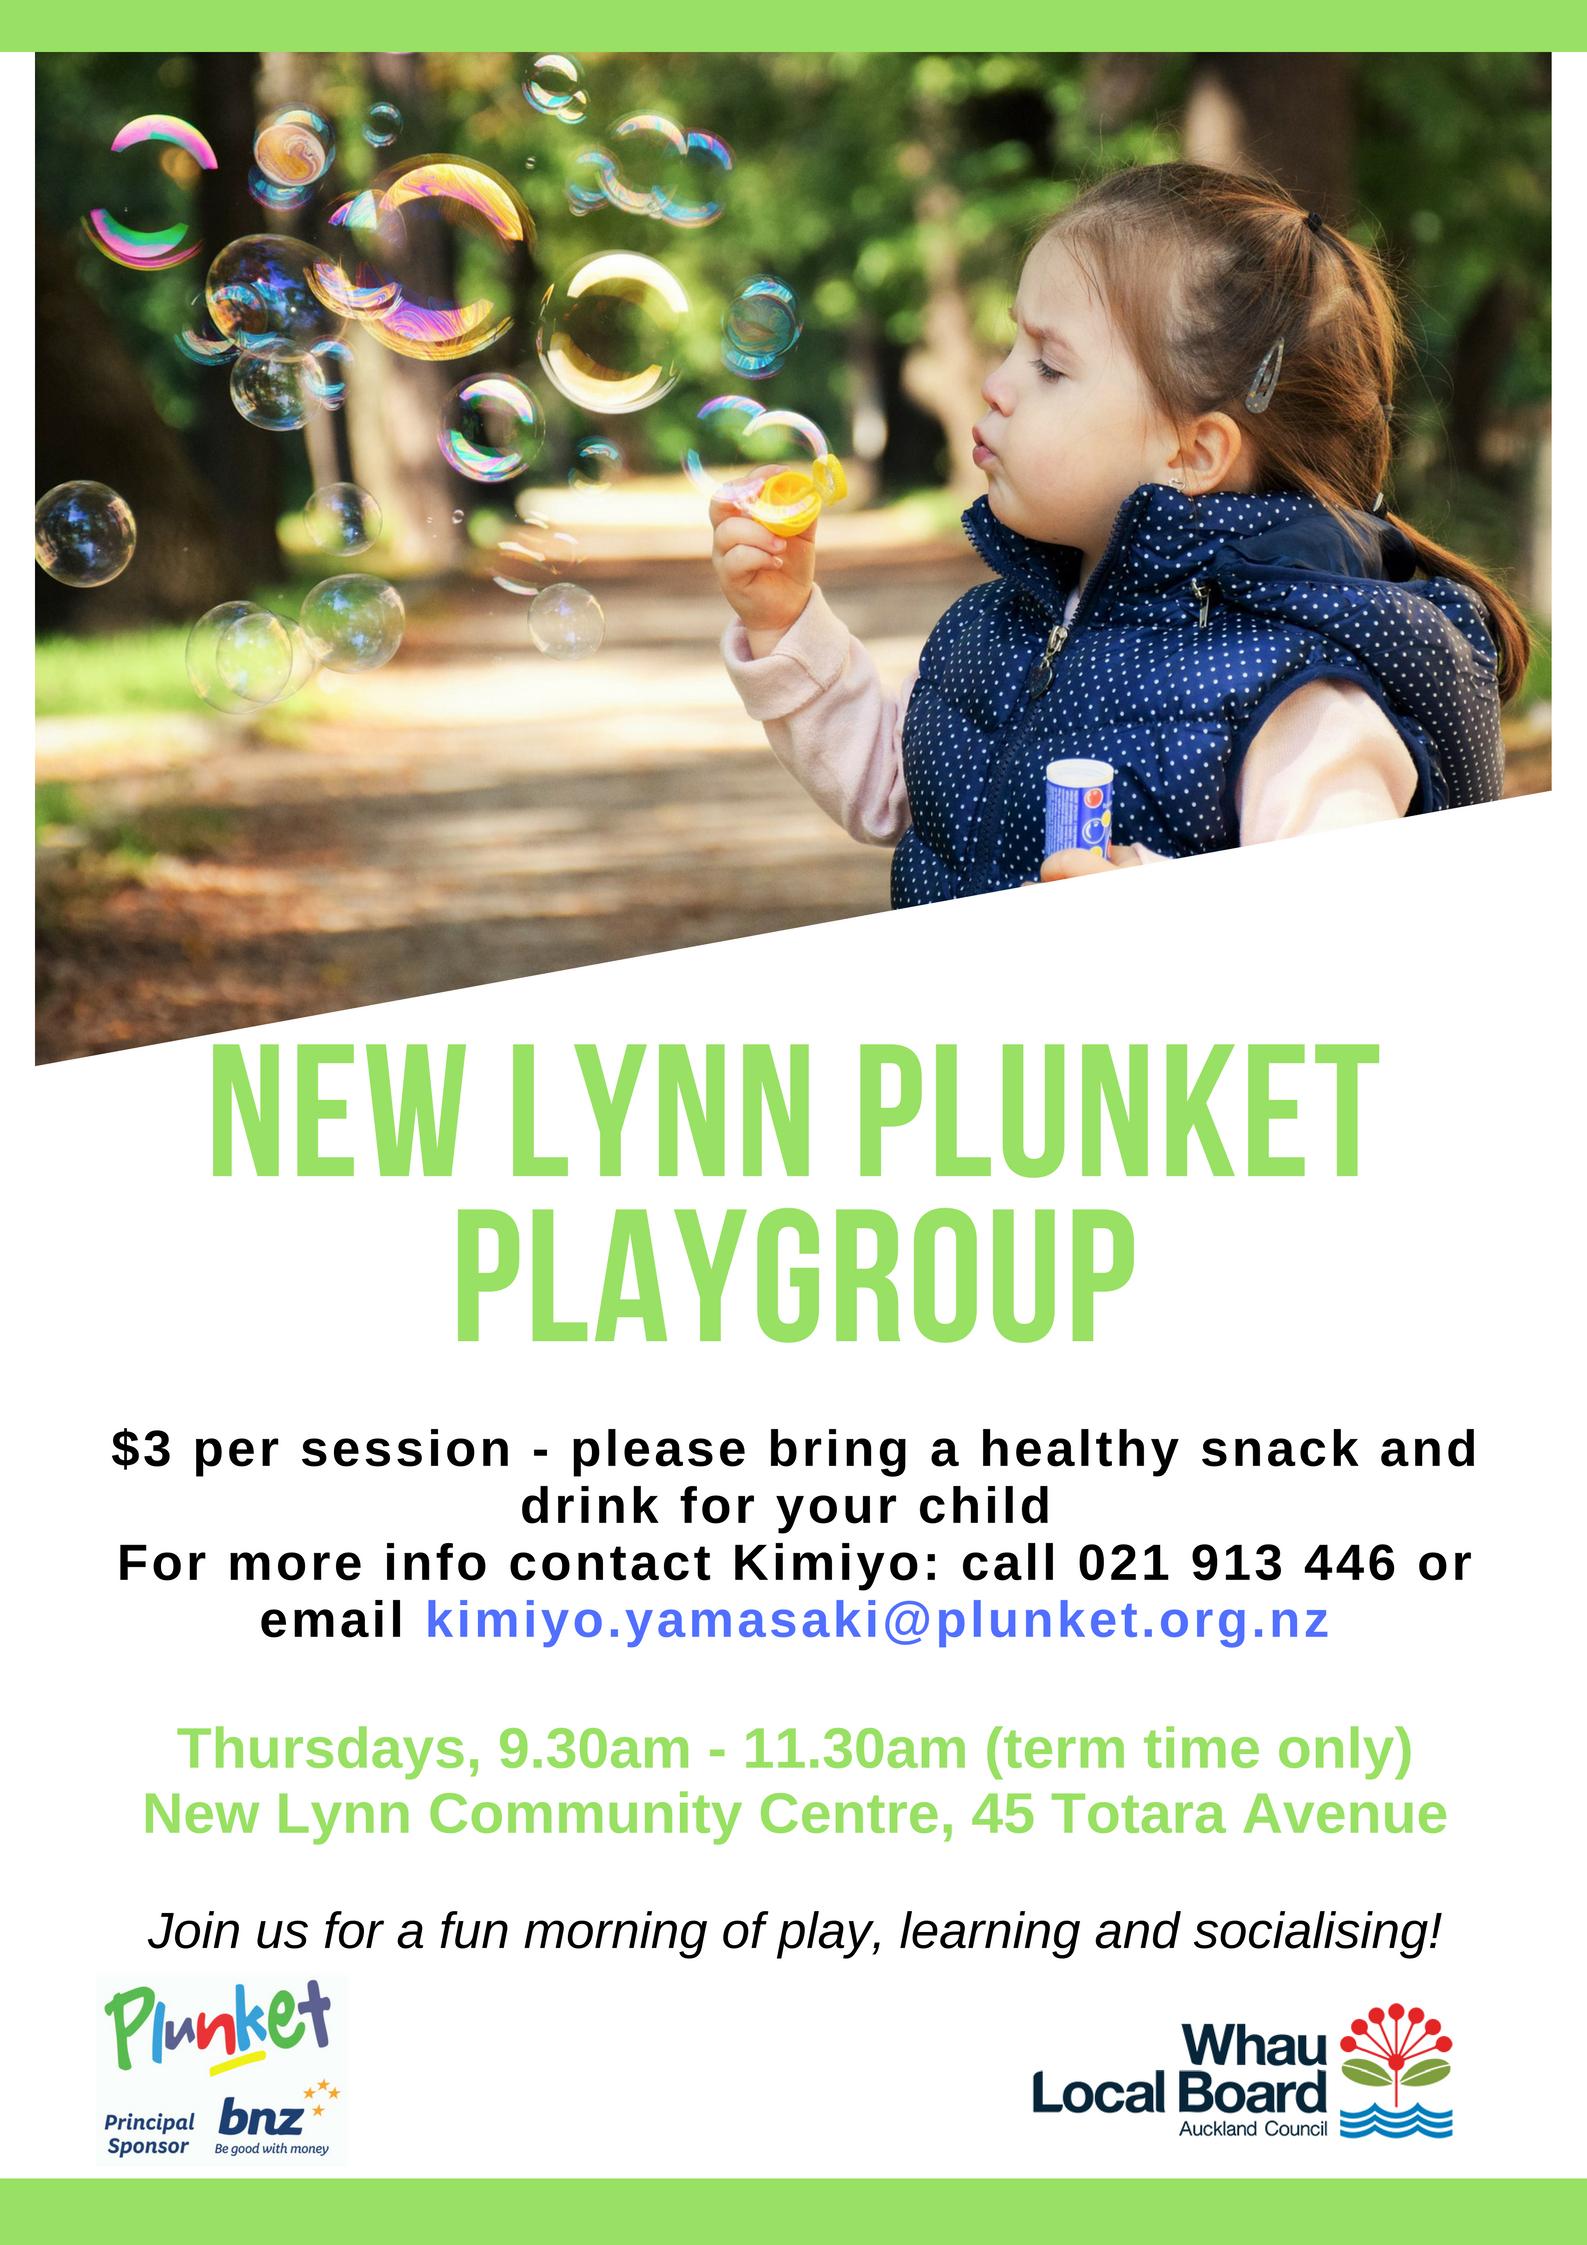 New Lynn Plunket Playgroup.jpg